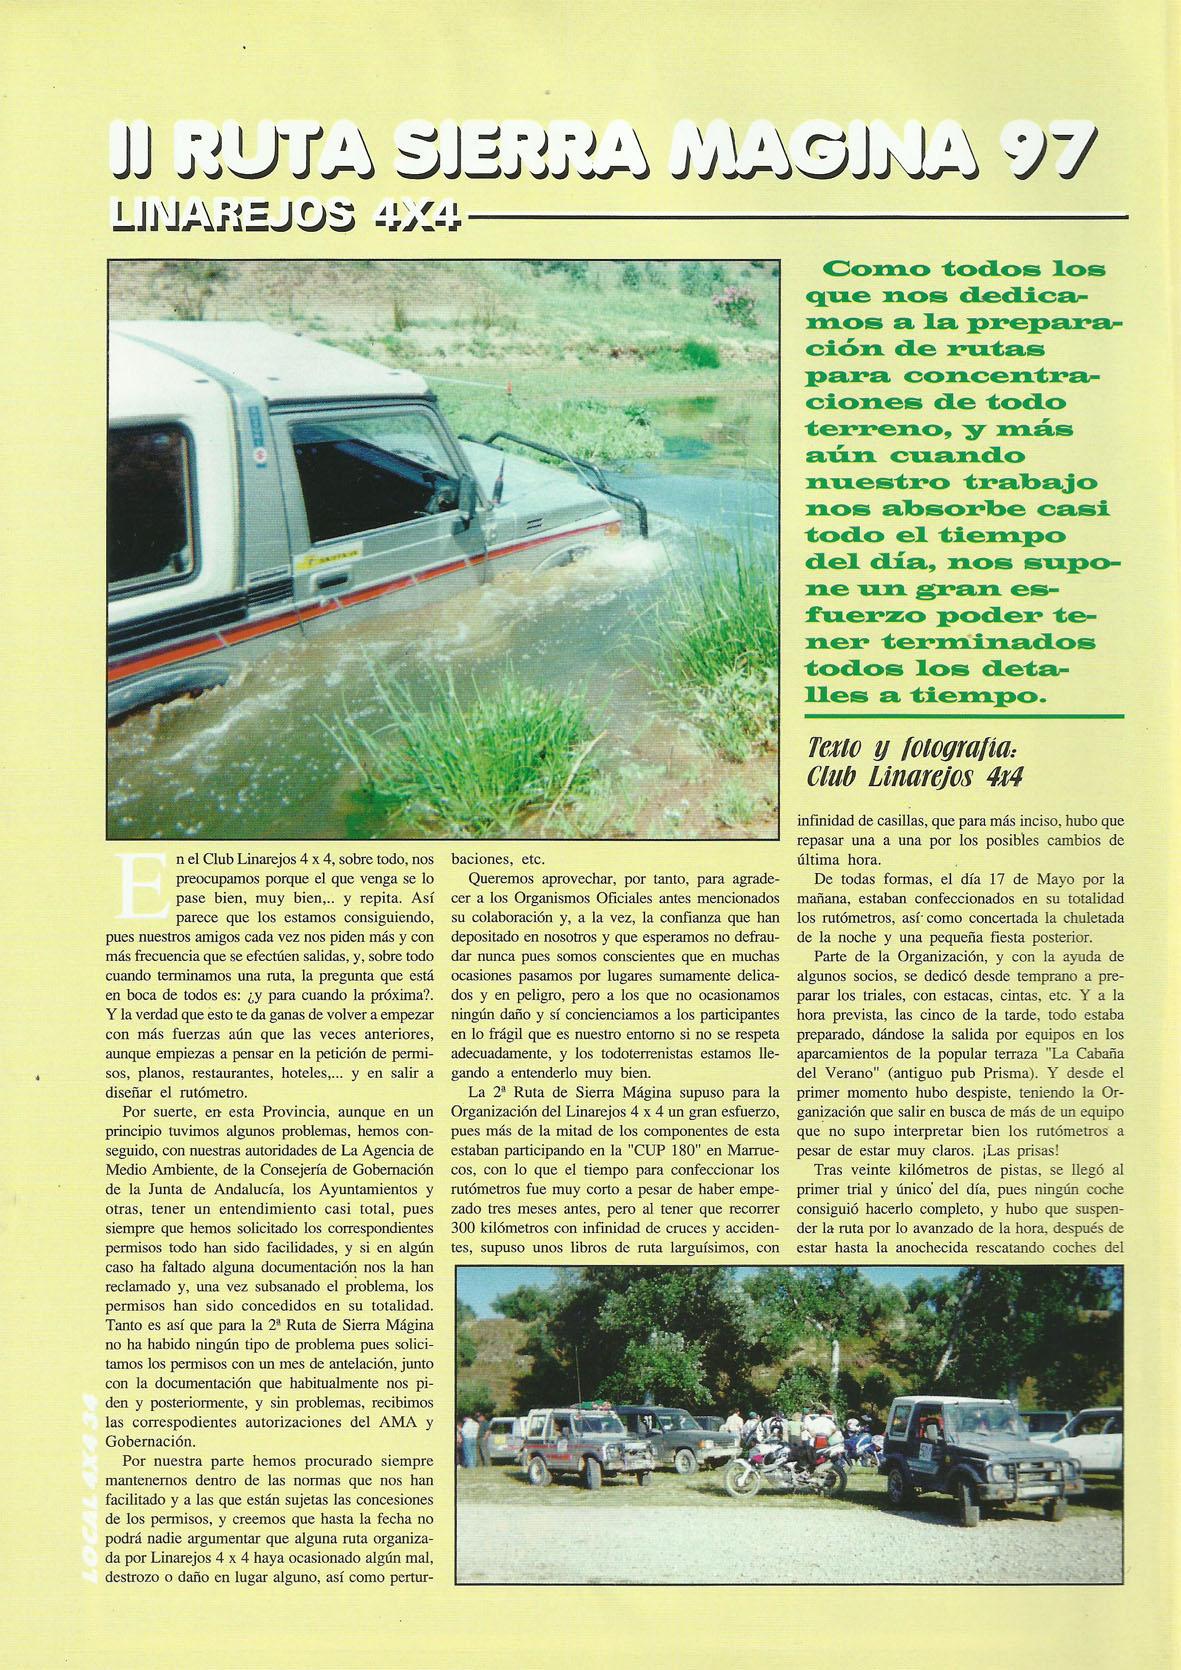 Revista Local 4x4 32 34 Actividades Realizadas I Ruta Sierra Magina 1997